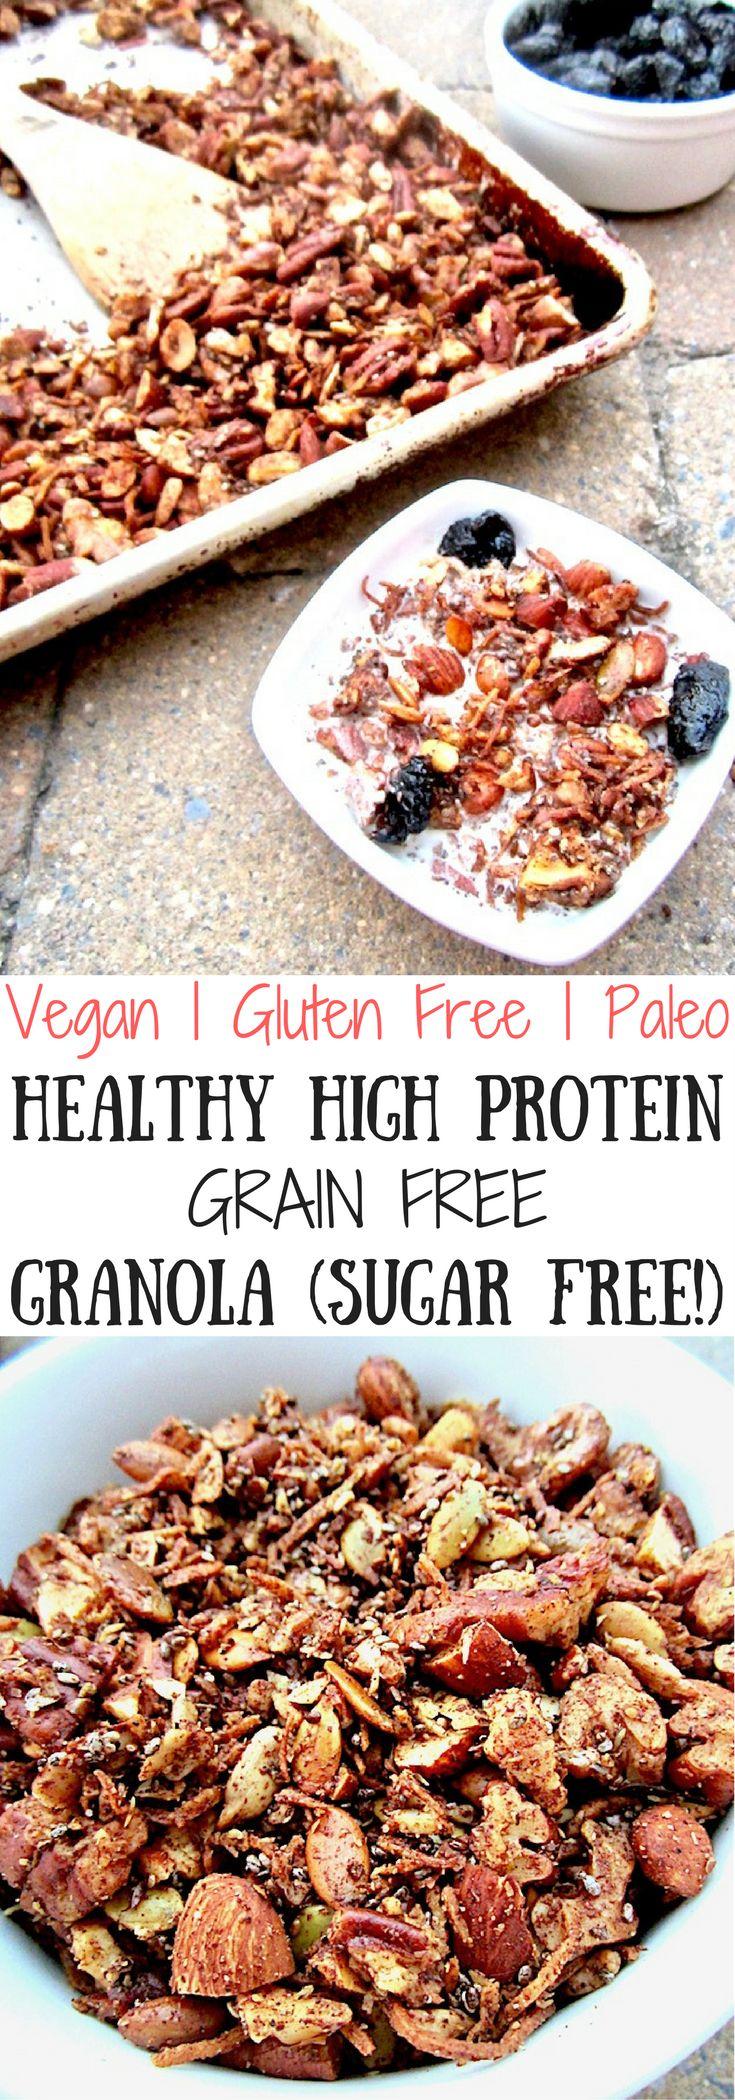 Gezonde High Protein Grain Gratis Granola recept - heerlijke zelfgemaakte suikervrije, graan vrij en veelzijdig muesli voor een dieet met 5 gram eiwit in 1/4 kop!  Veganistisch, glutenvrij, paleo.  |  veganchickpea.com